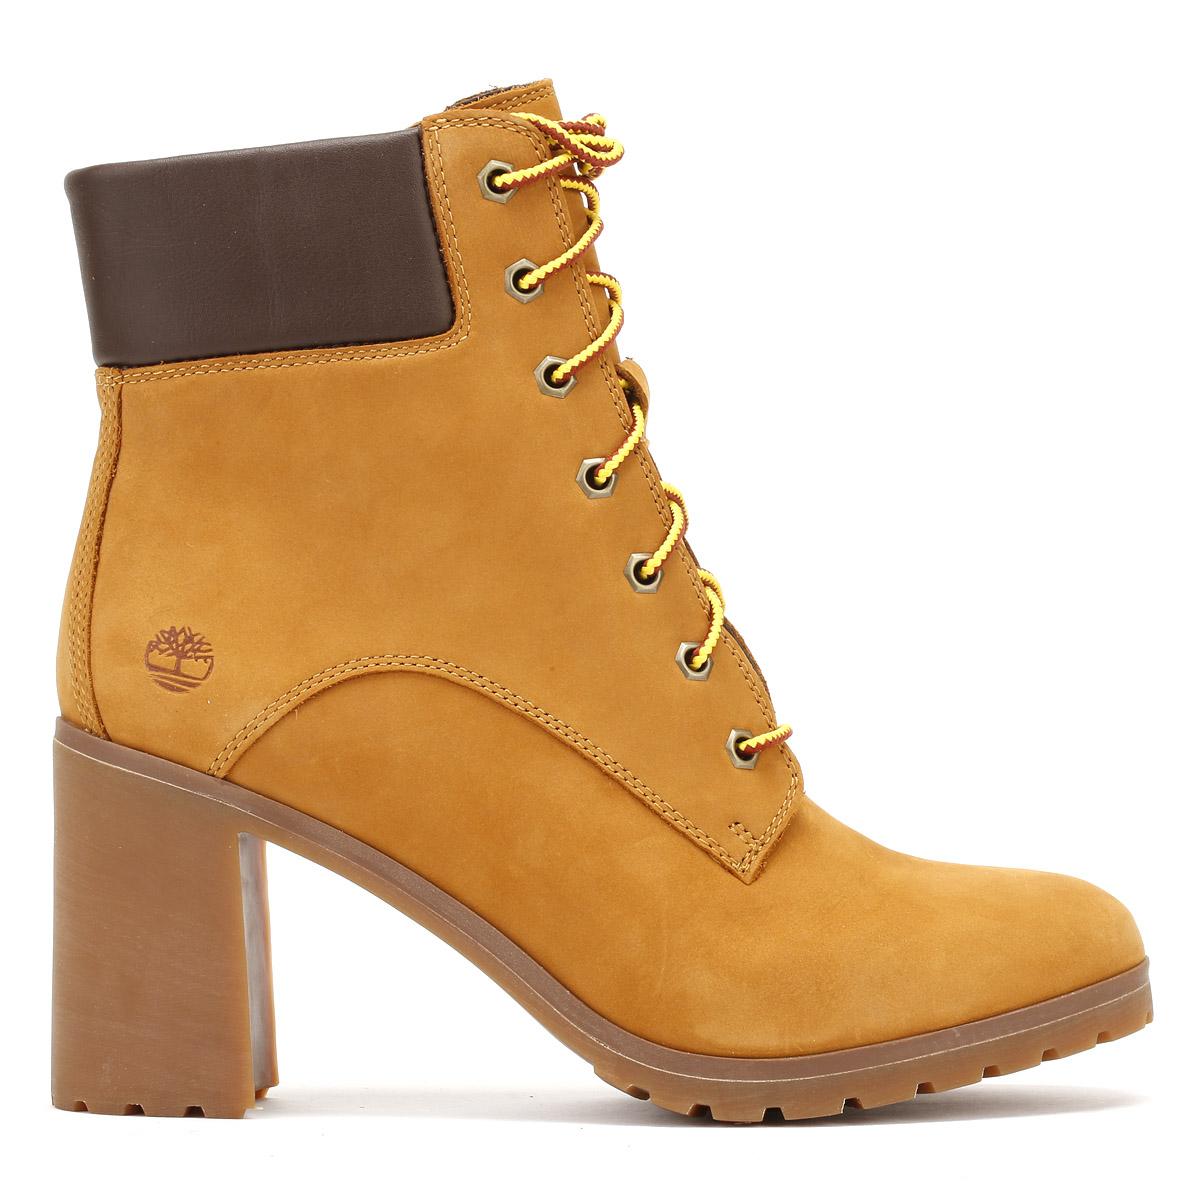 Yellow Heel Shoes Uk